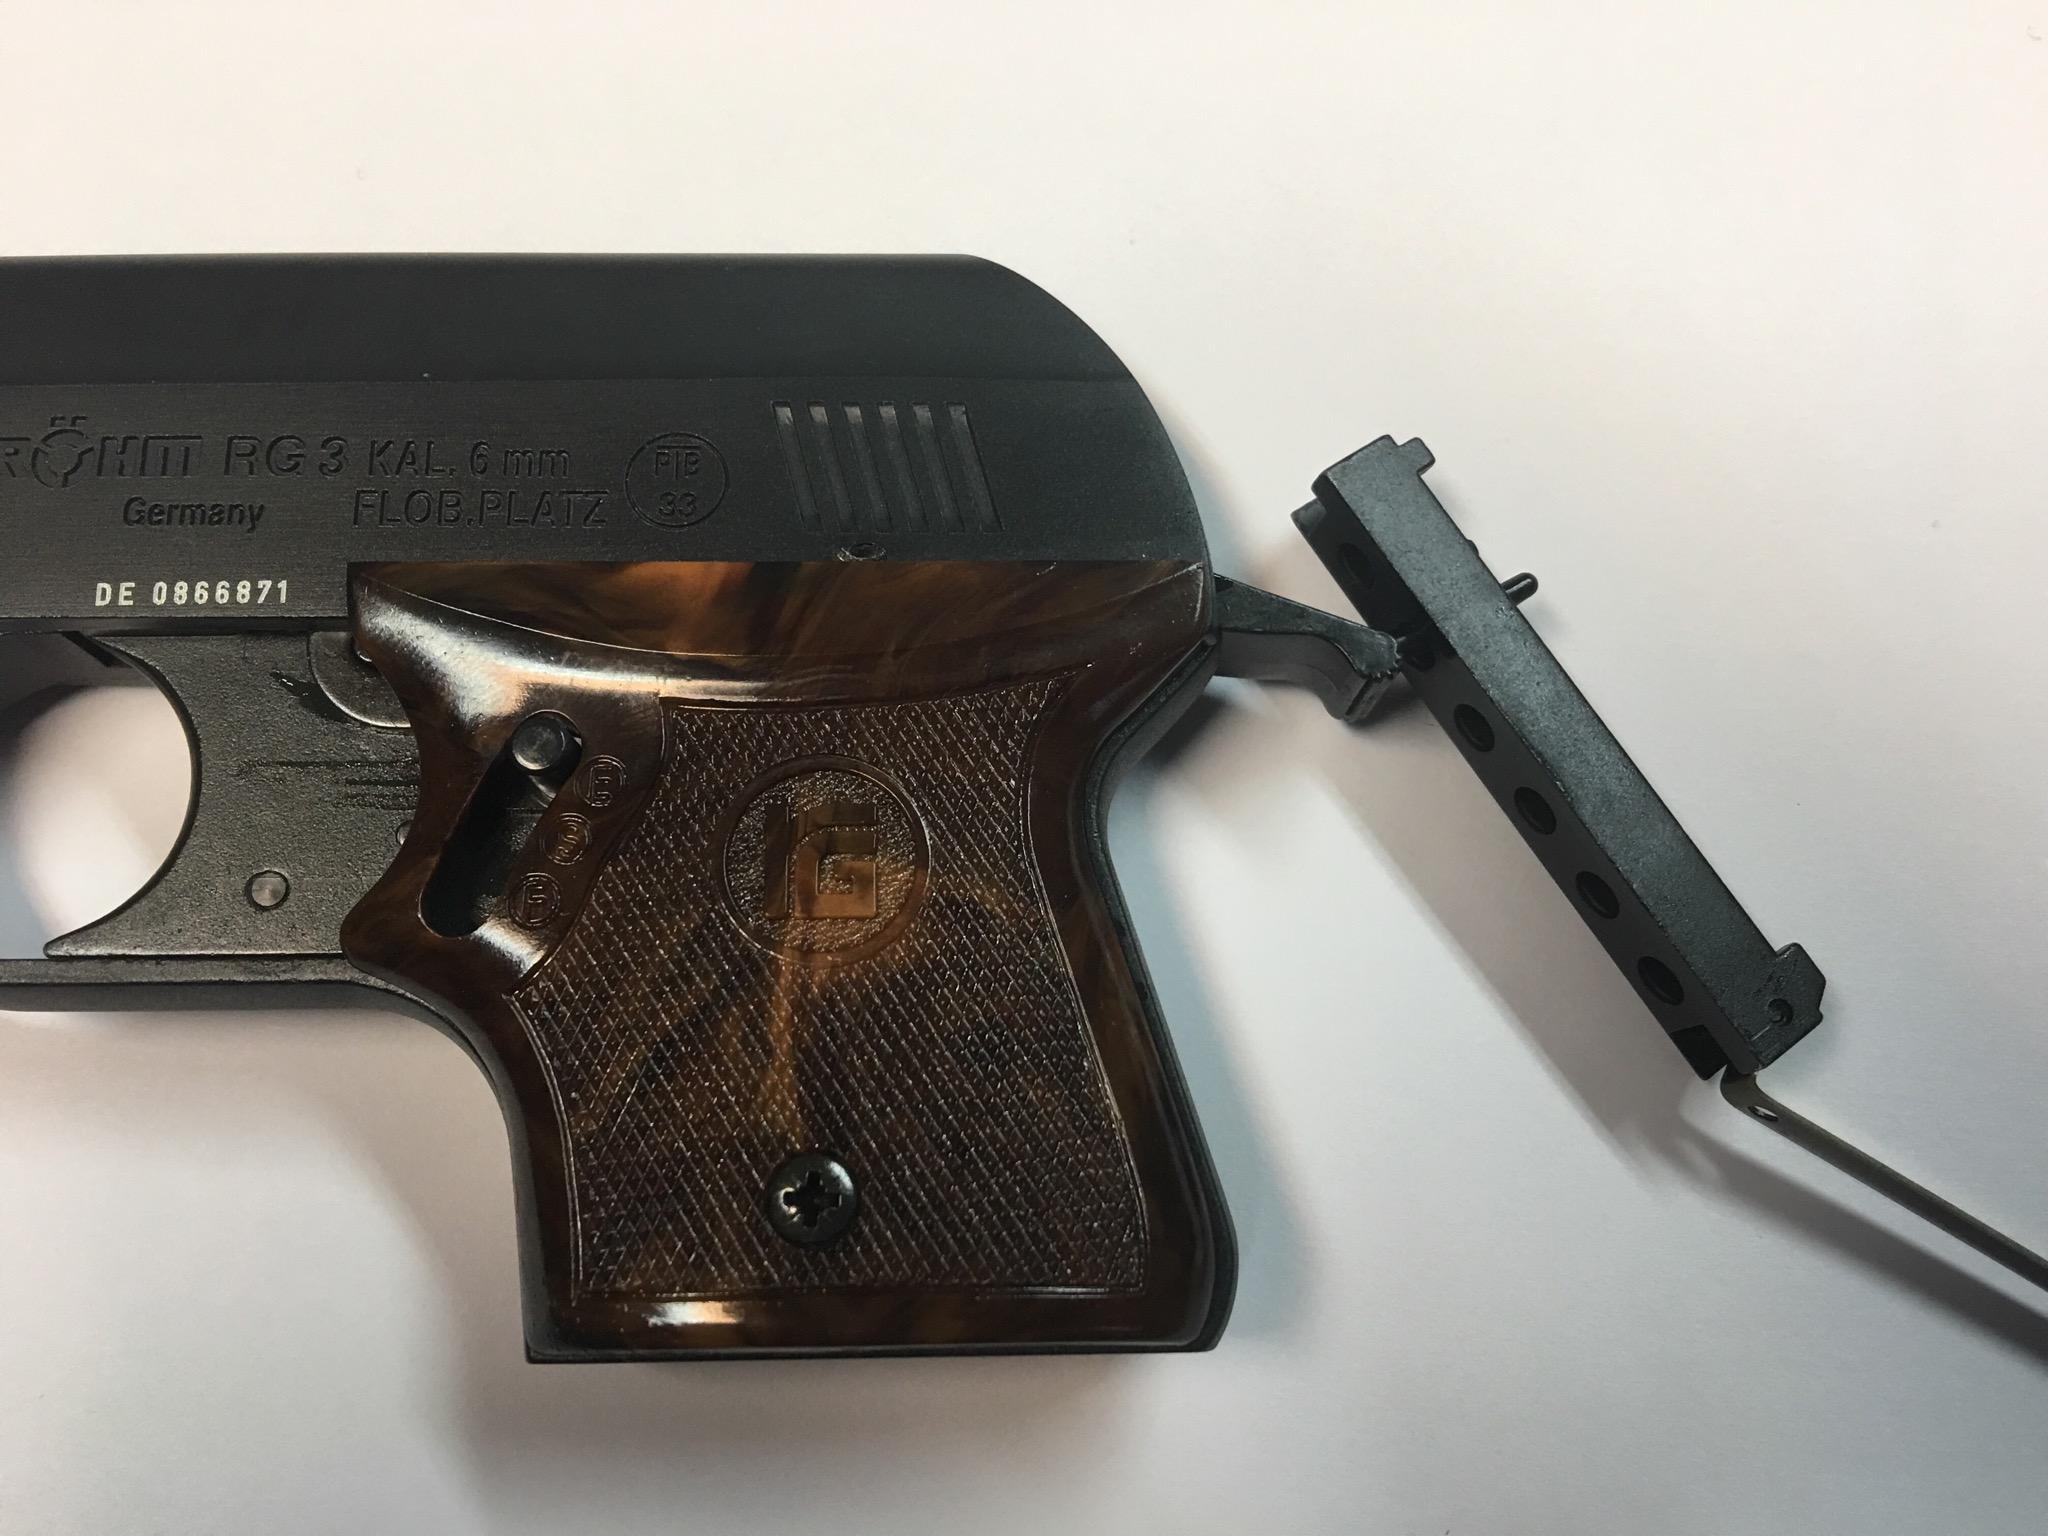 Die Signalpistole Rhöm RG3 hat hinten so ein Magazindeckel mit Dornen. Mittels Dorn können festsitzende Platzpatronen aus dem Magazin herausgestoßen werden.